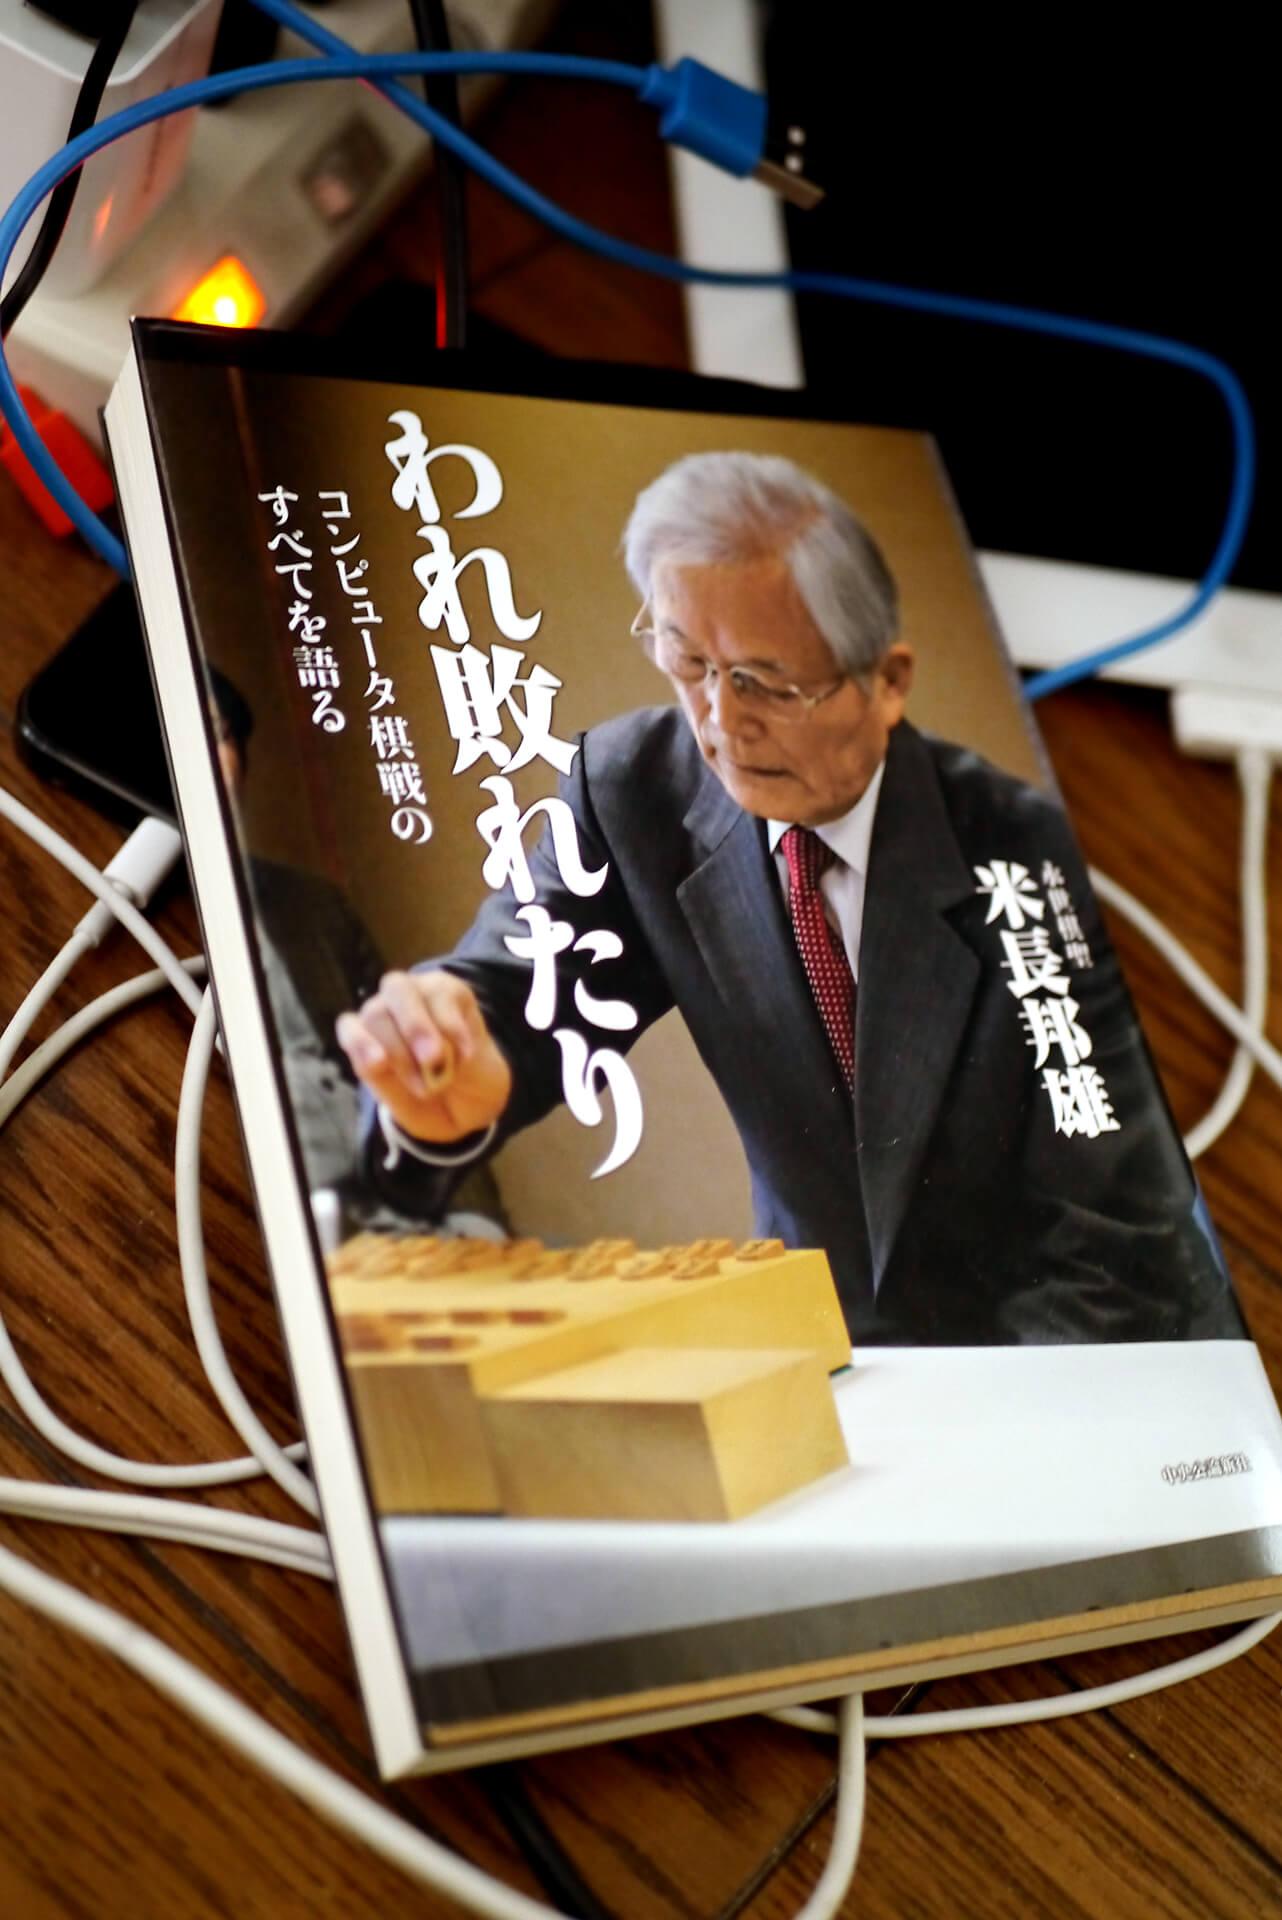 書籍われ敗れたり―コンピュータ棋戦のすべてを語る(米長邦雄/中央公論新社)」の表紙画像